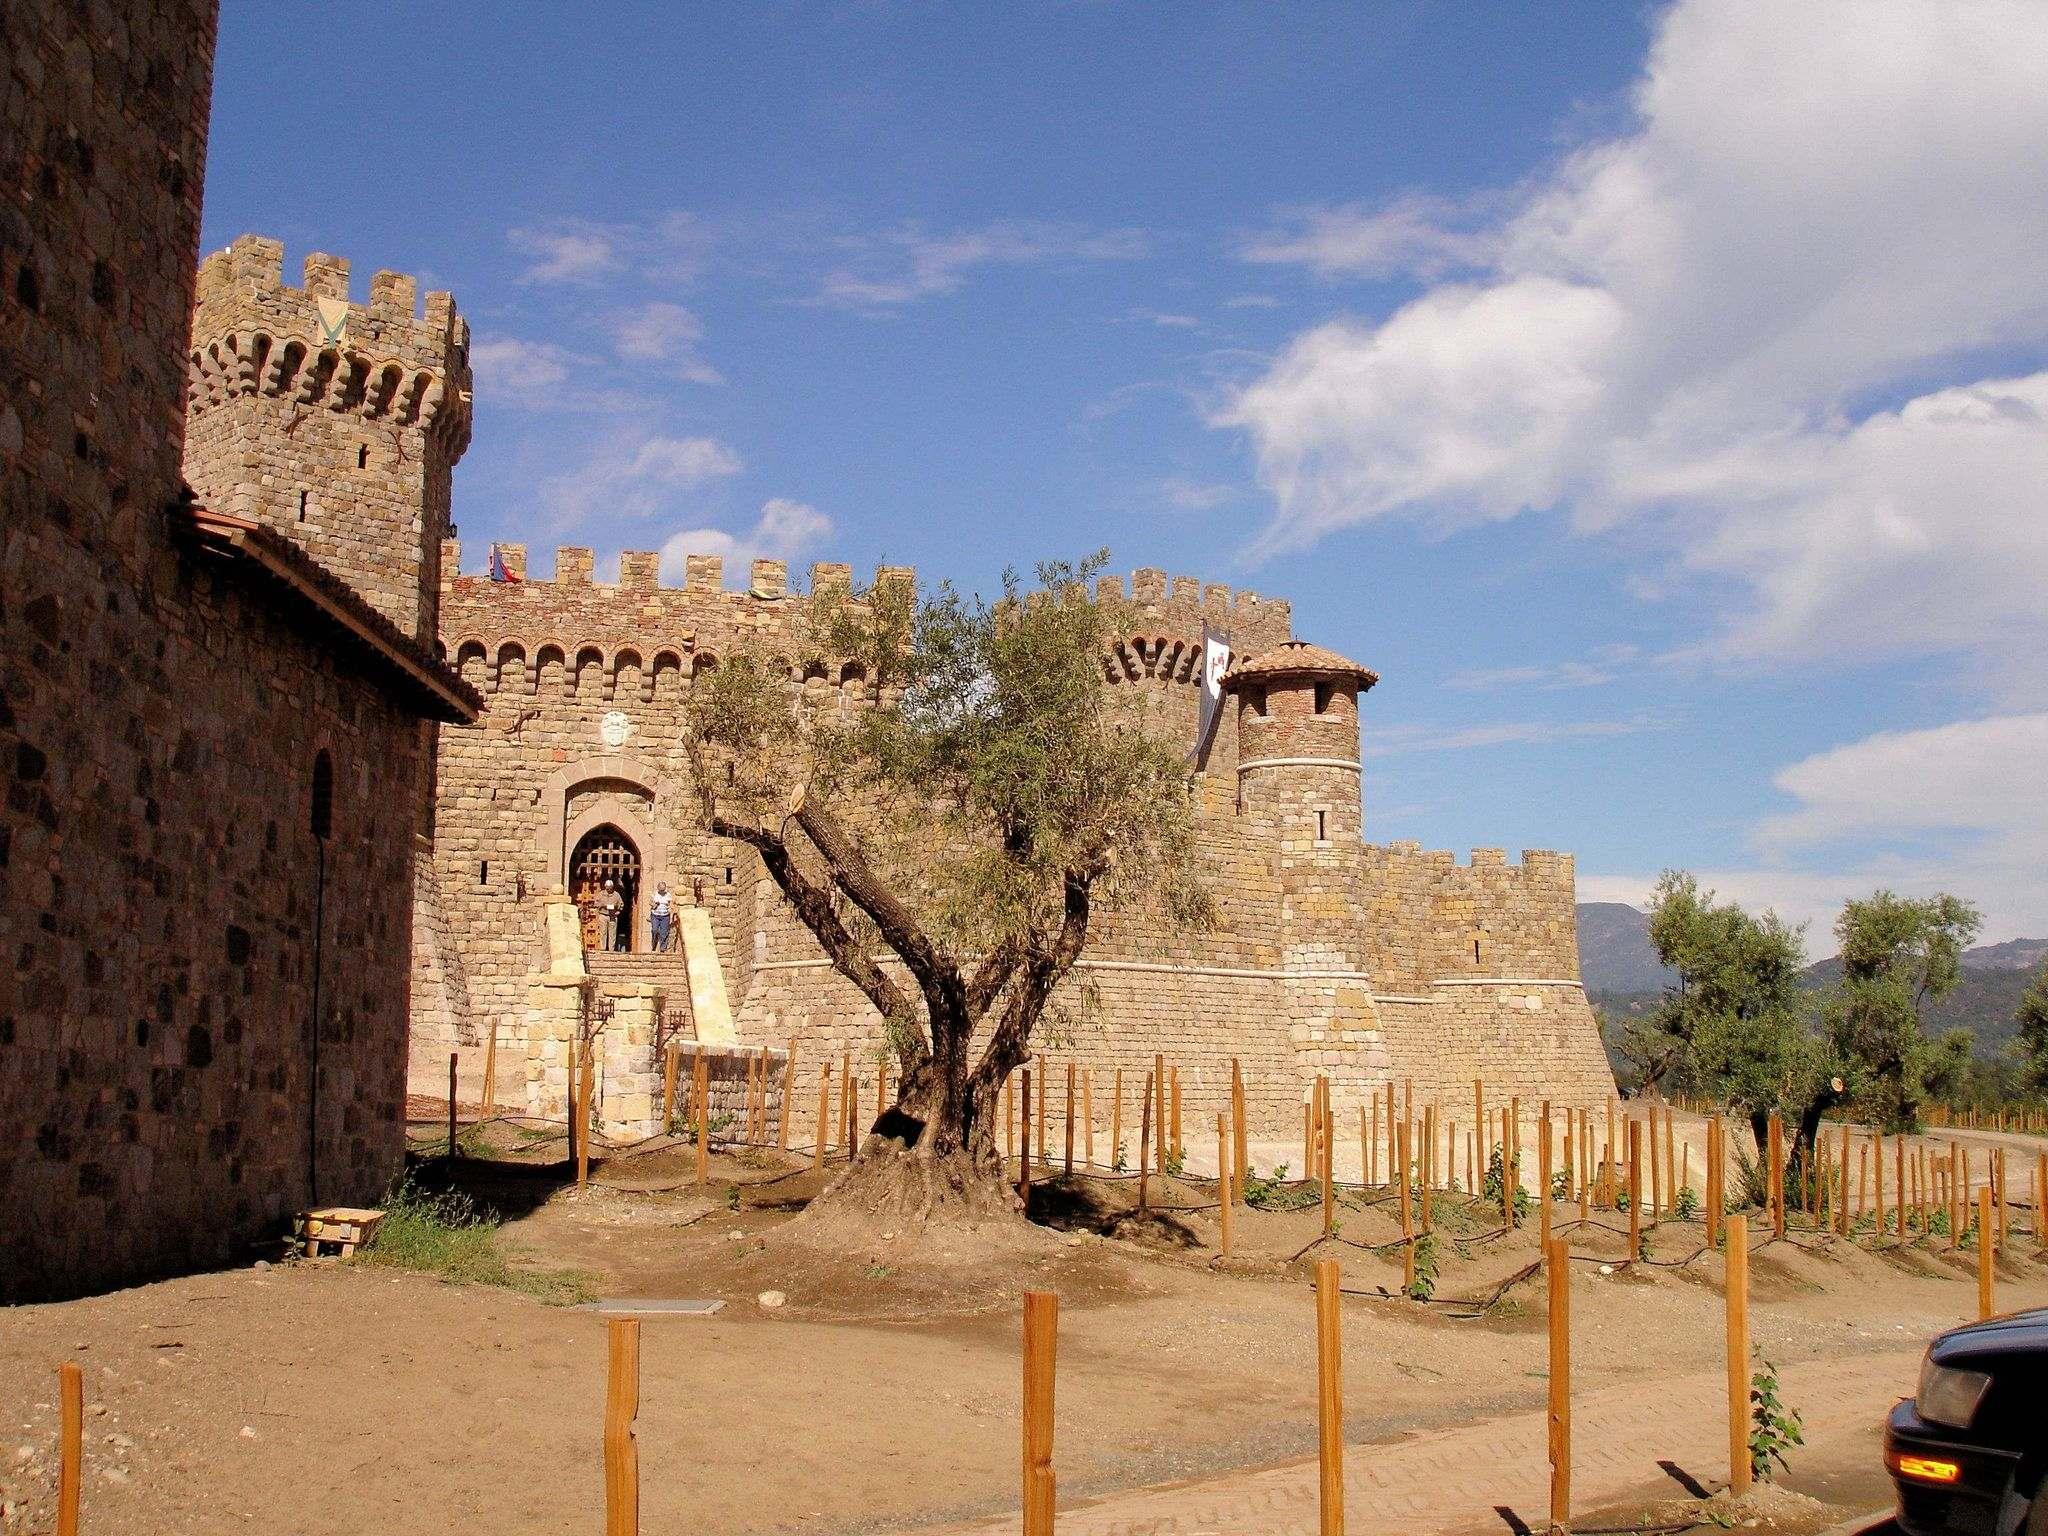 castello di amorosa10 Castello di Amorosa Winery in Napa Valley, California